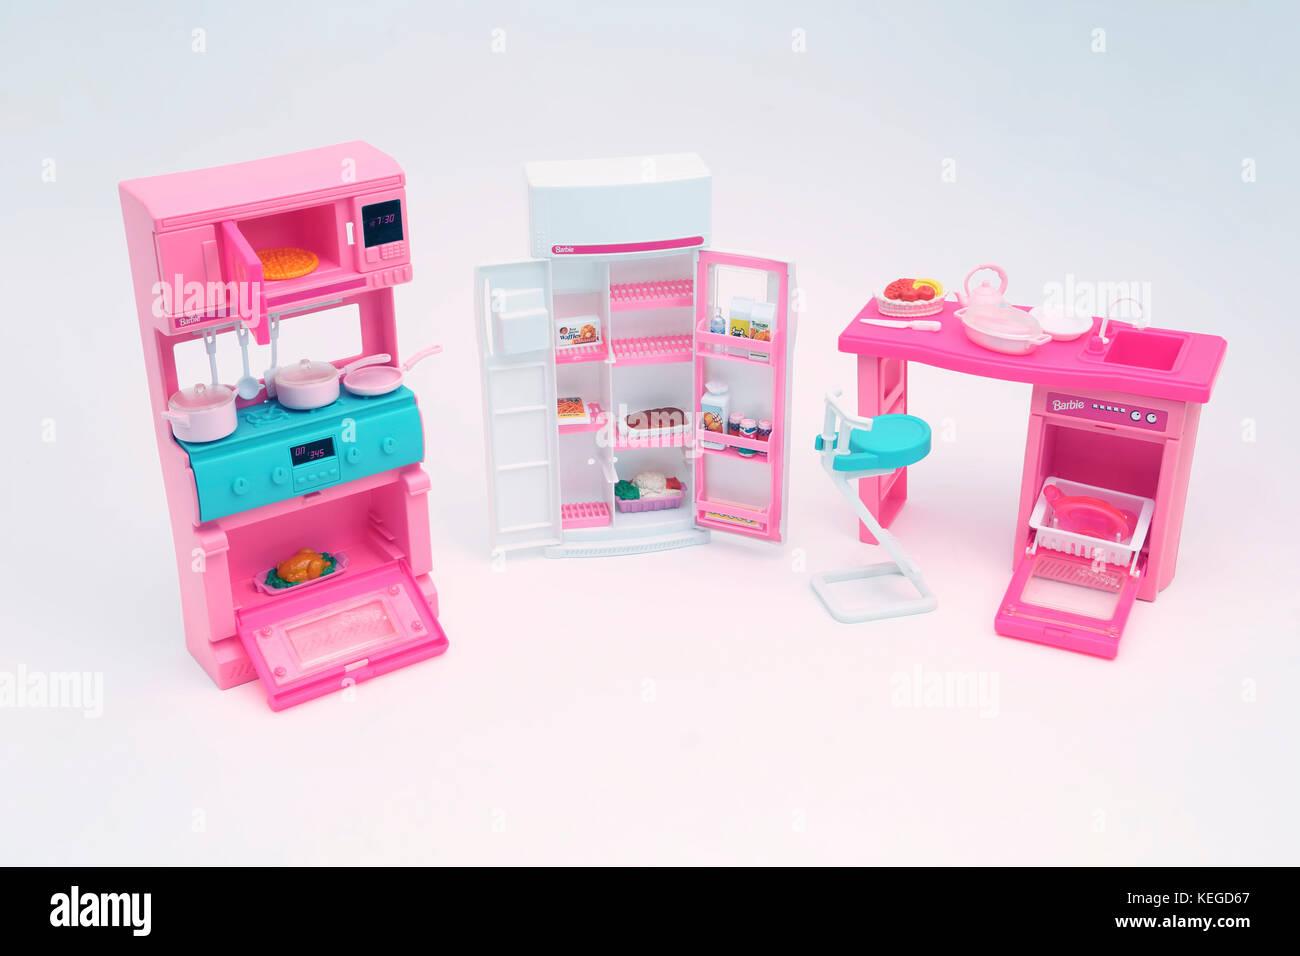 Groß Barbie Kücheset Galerie - Ideen Für Die Küche Dekoration ...